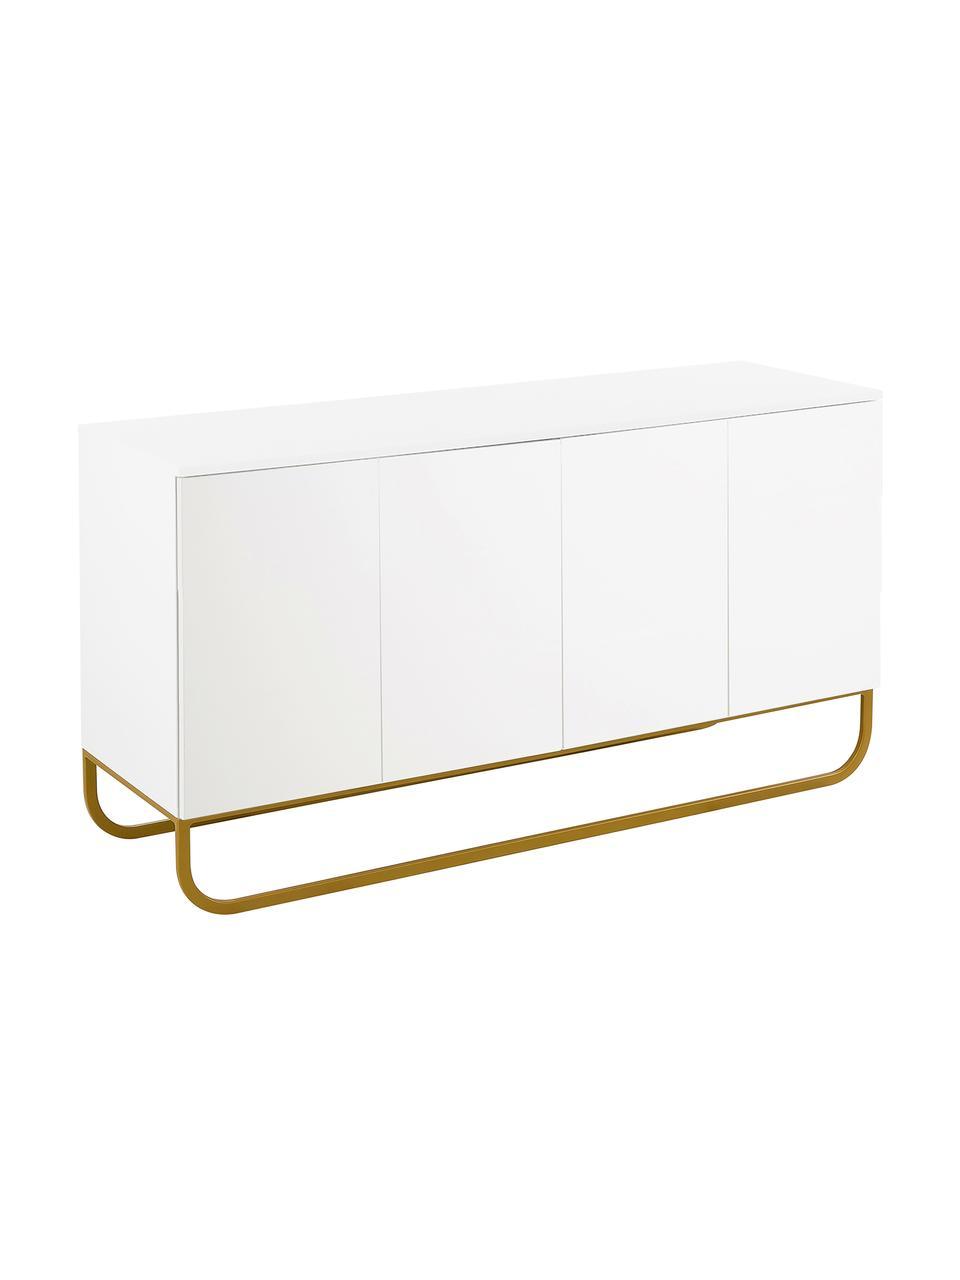 Klassiek dressoir Sanford in wit met deuren, Frame: gelakt MDF, Poten: gepoedercoat metaal, Wit, goudkleurig, 160 x 83 cm